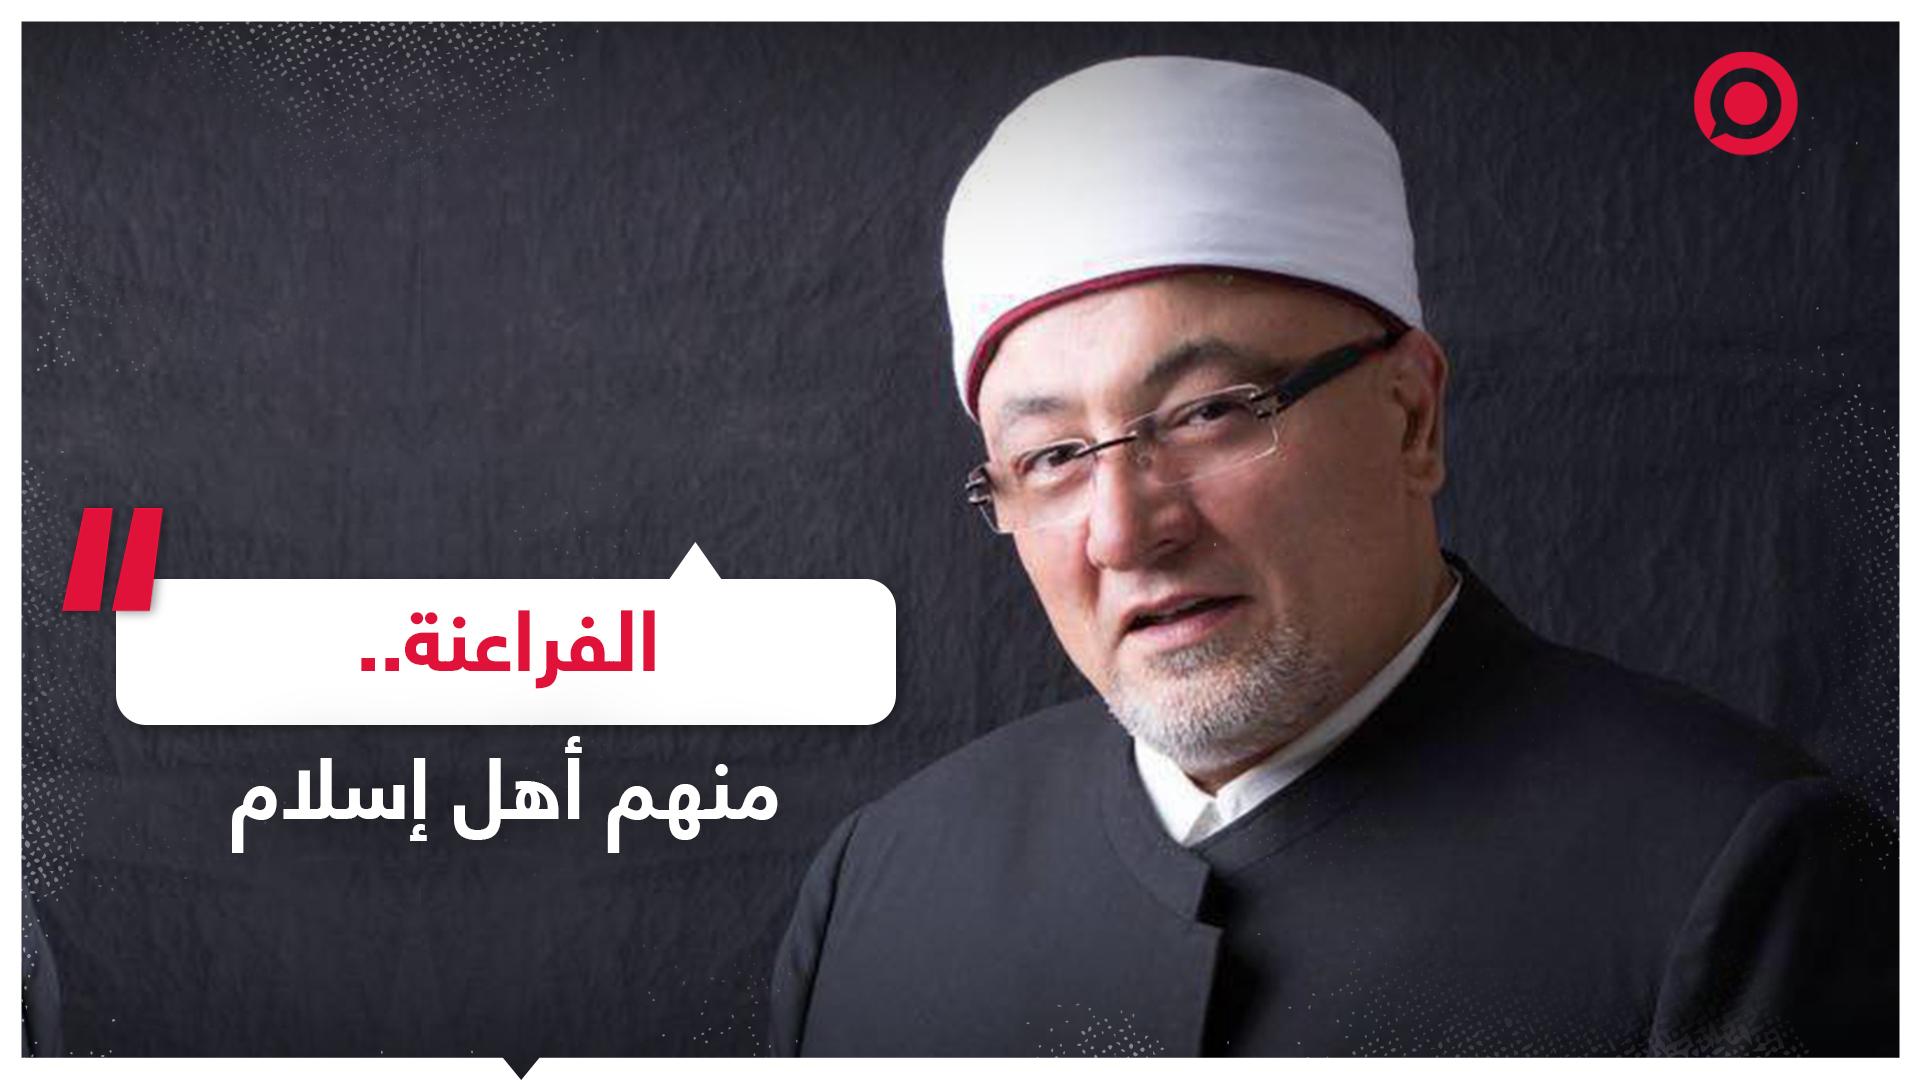 الشيخ خالد الجندي: